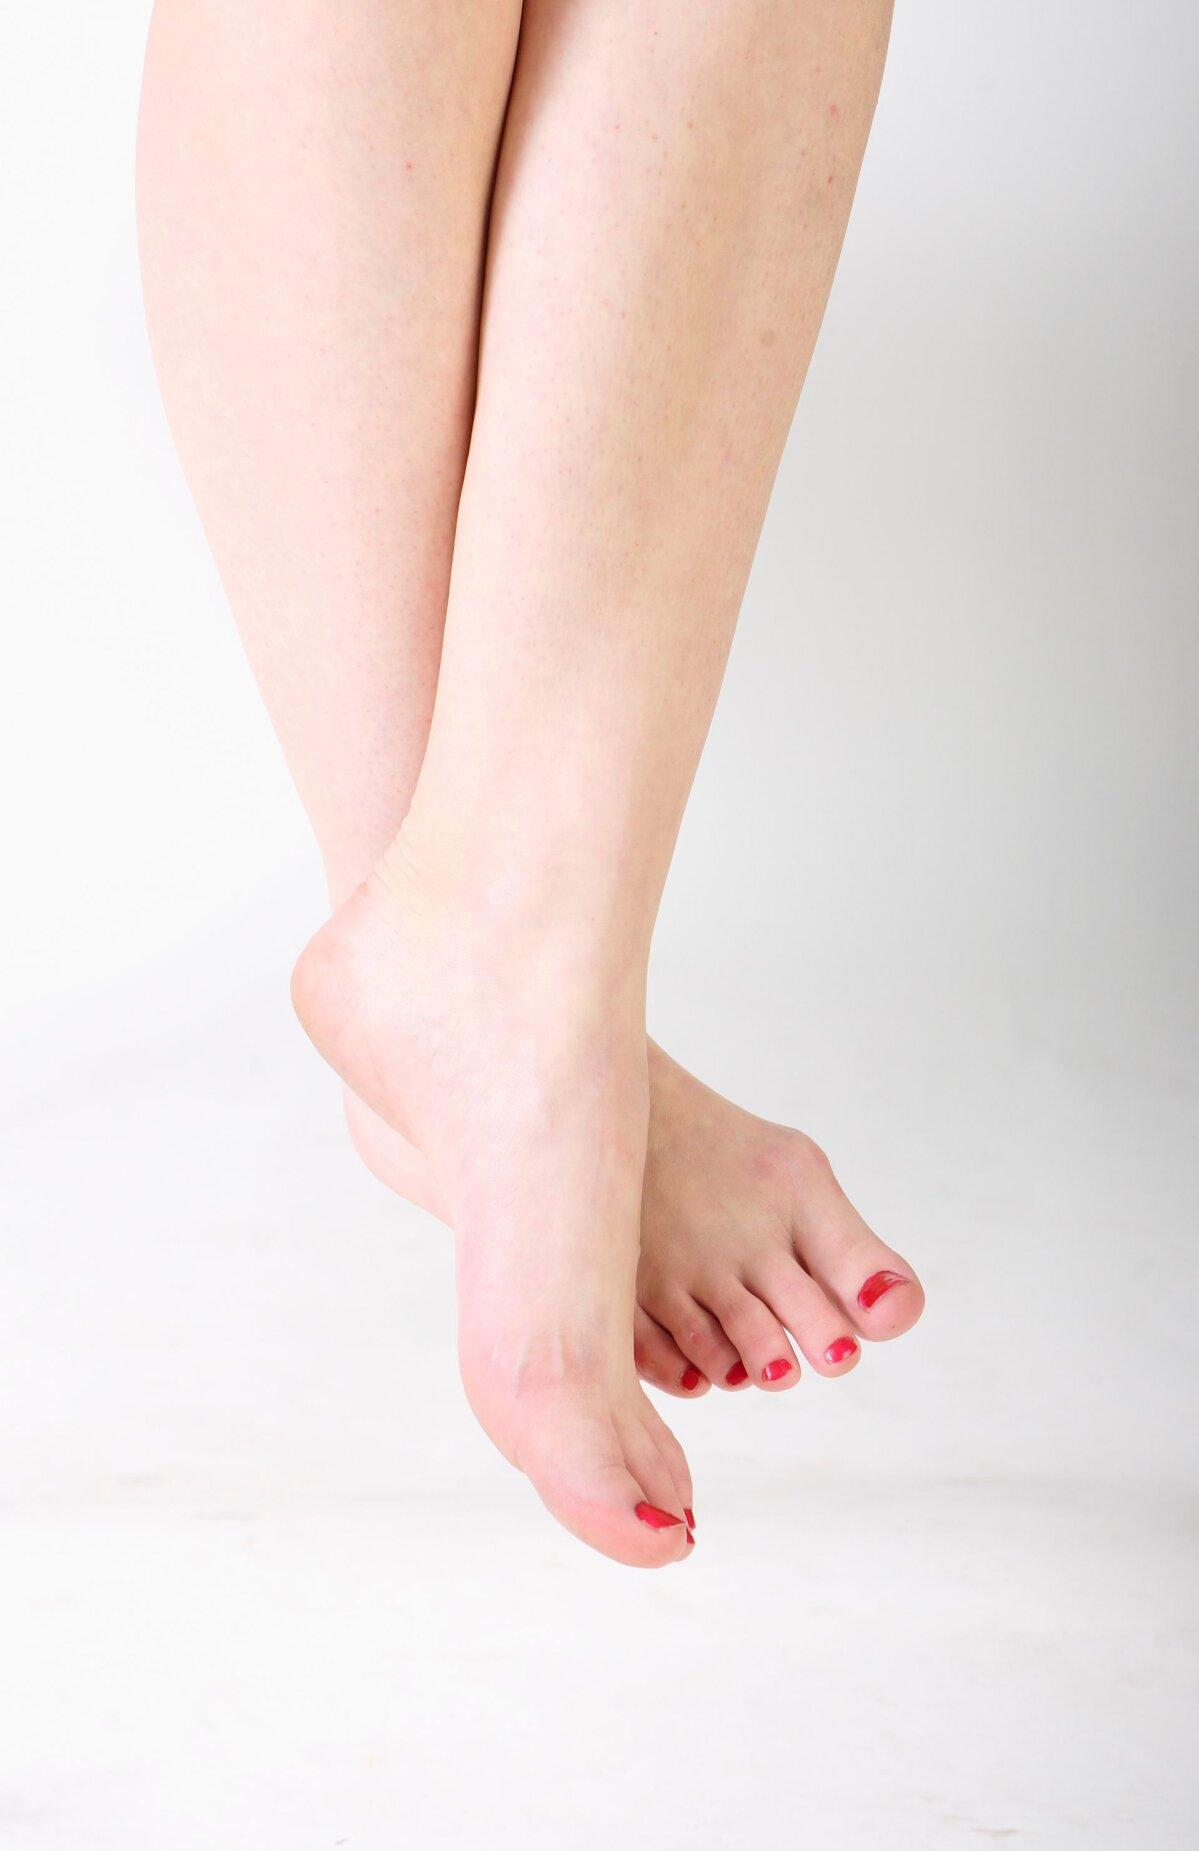 Kuidas eemaldada poletik ja turse Liigese artroos